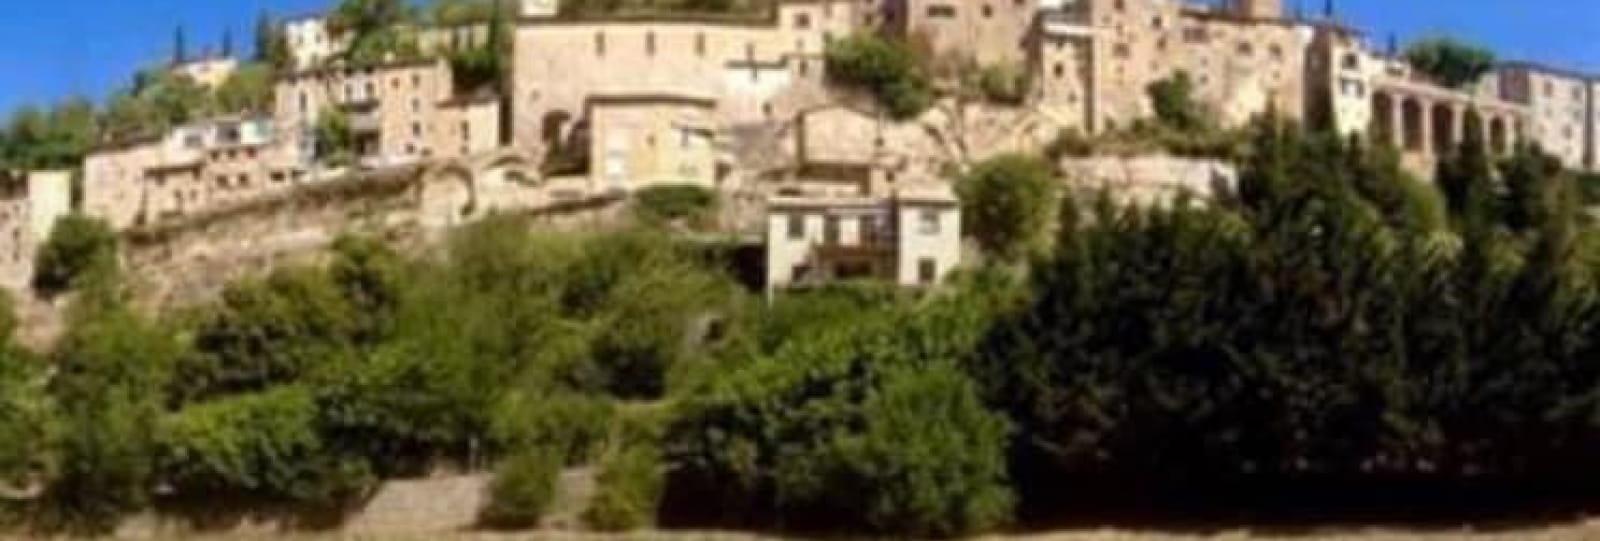 Hameau des Sources Mme Mahé